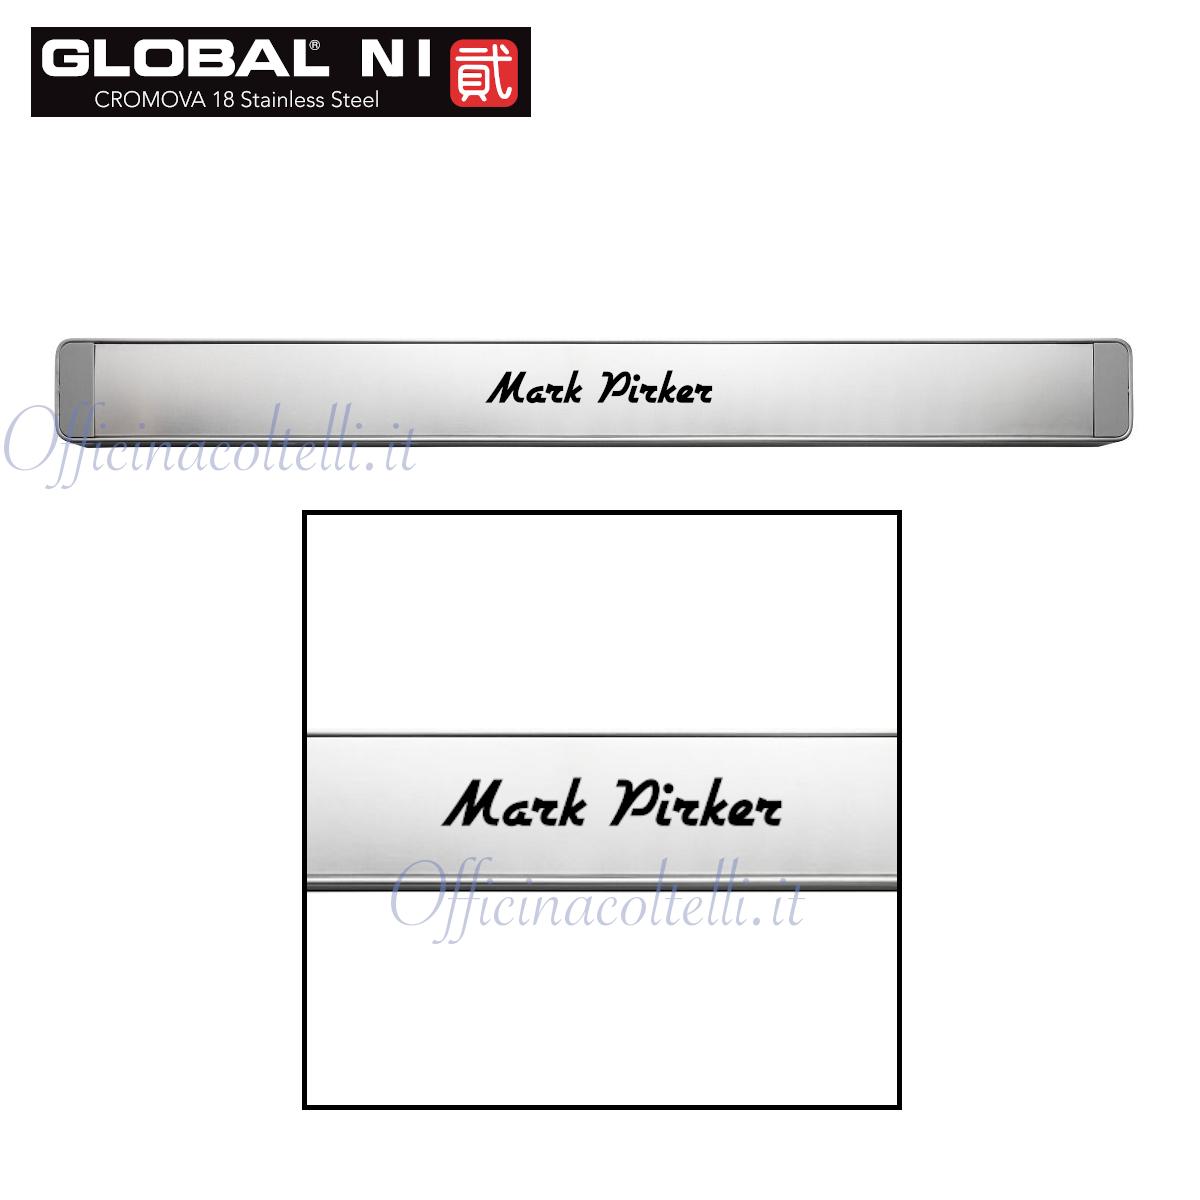 Esempio di incisione laser con nome personalizzato su barra magnetica Global